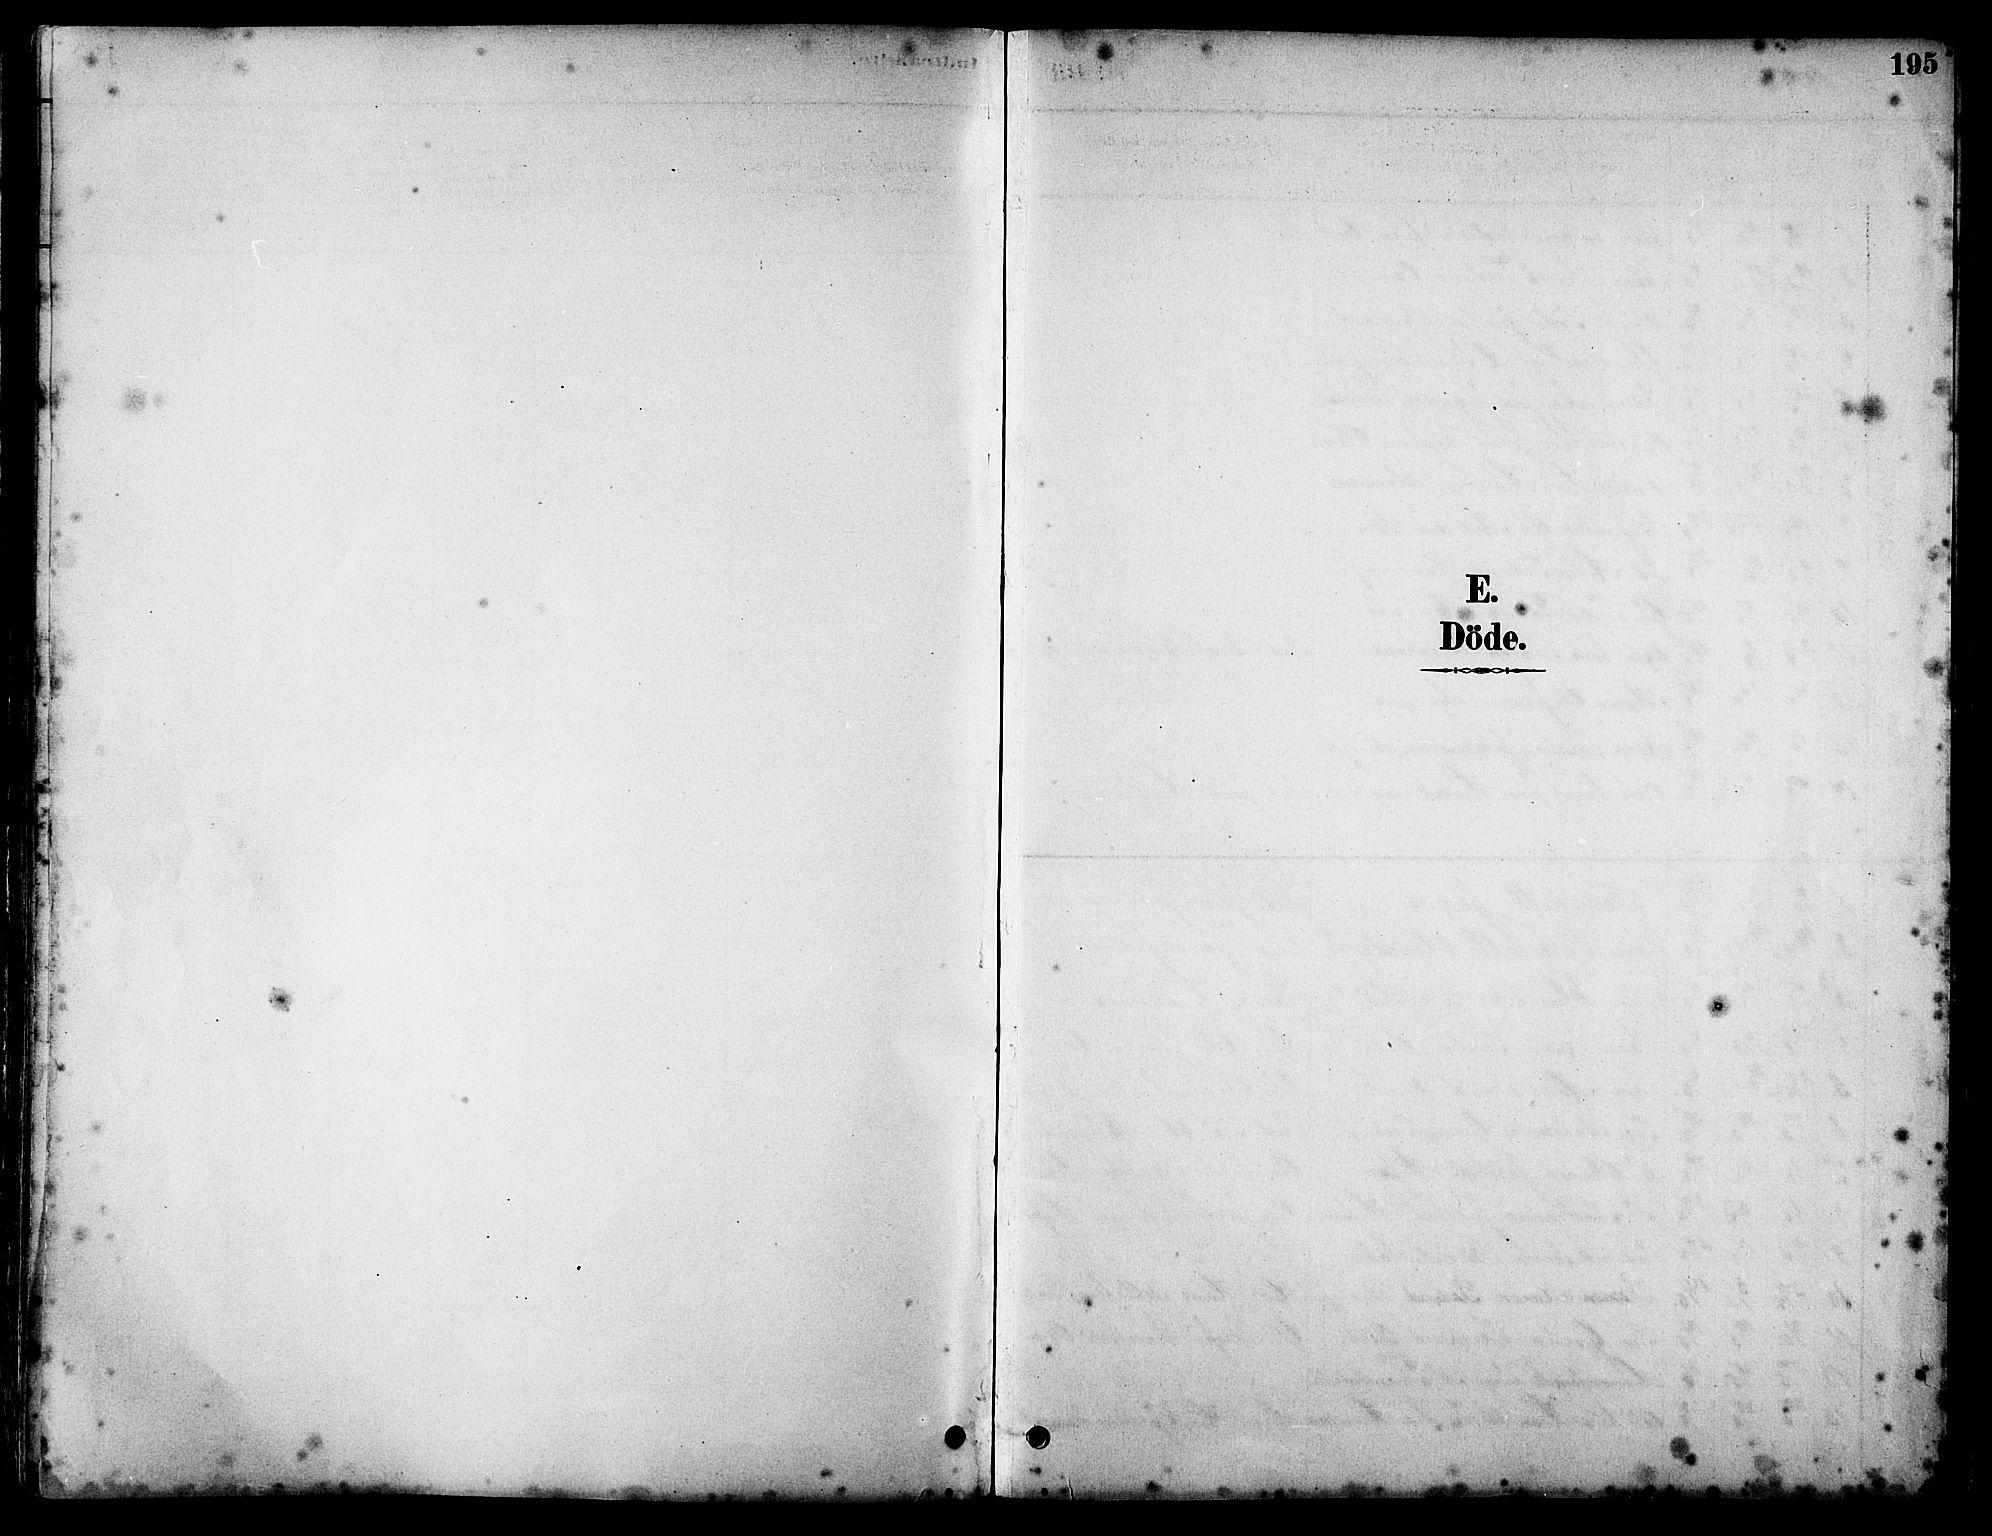 SAT, Ministerialprotokoller, klokkerbøker og fødselsregistre - Sør-Trøndelag, 658/L0726: Klokkerbok nr. 658C02, 1883-1908, s. 195